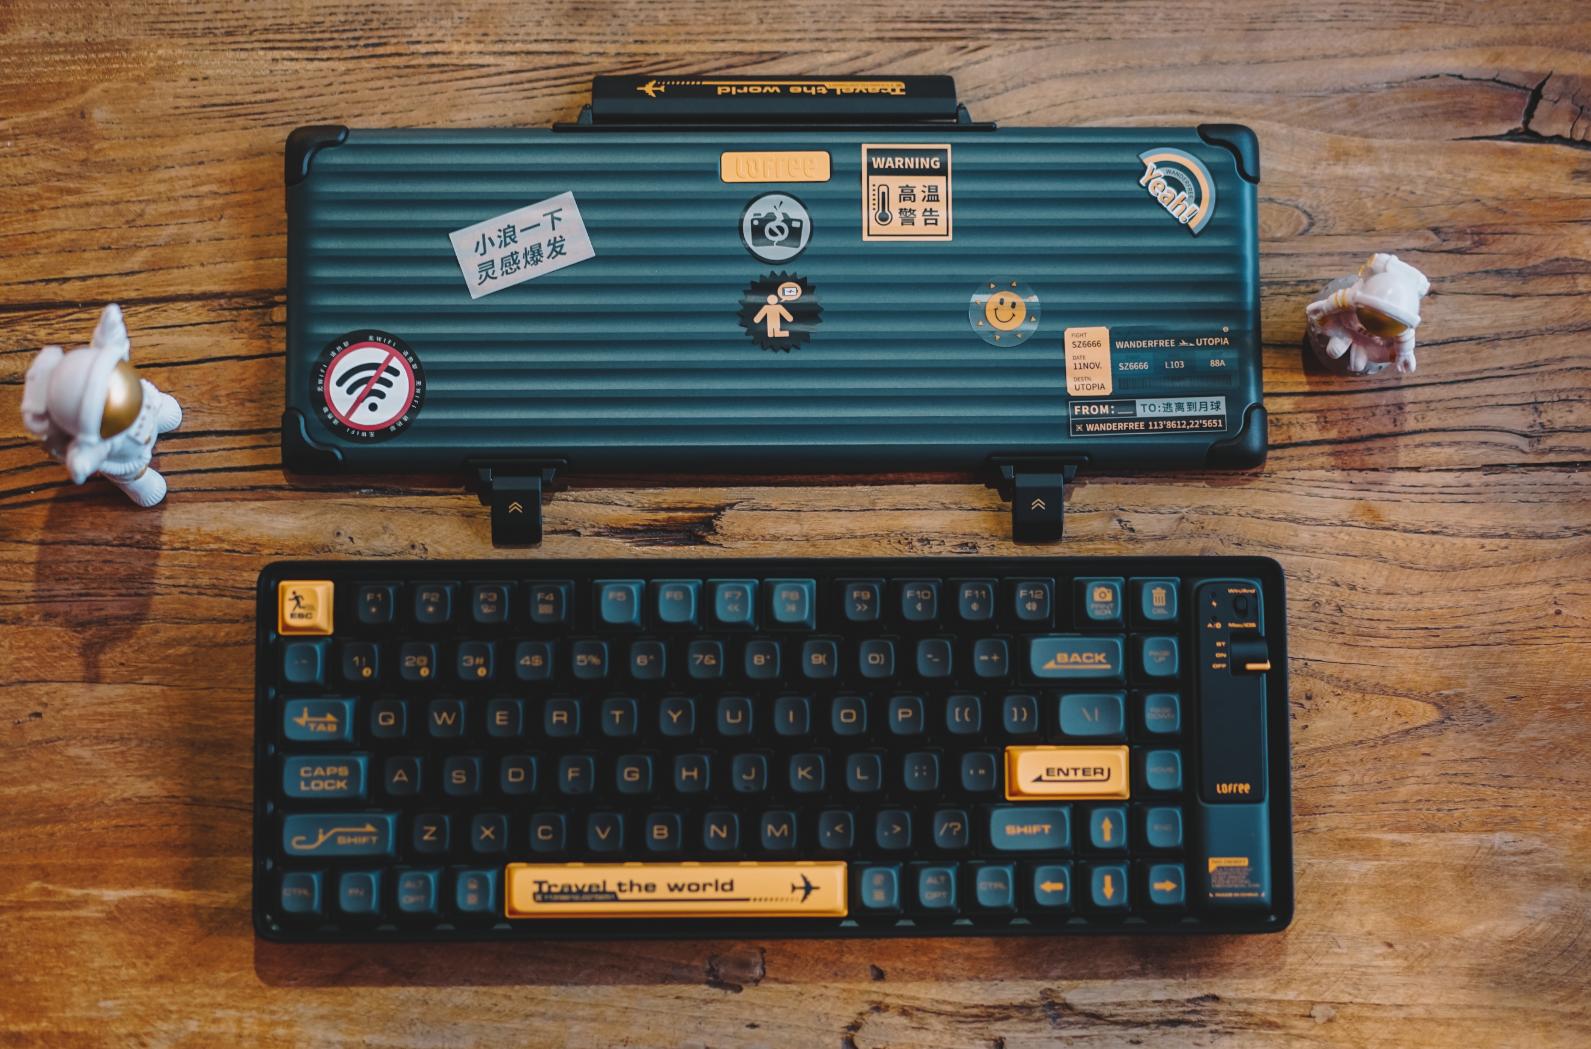 图片[1]-以浪为名,Lofree洛斐小浪蓝牙机械键盘适合外出携带的小机械键盘-G-Suite